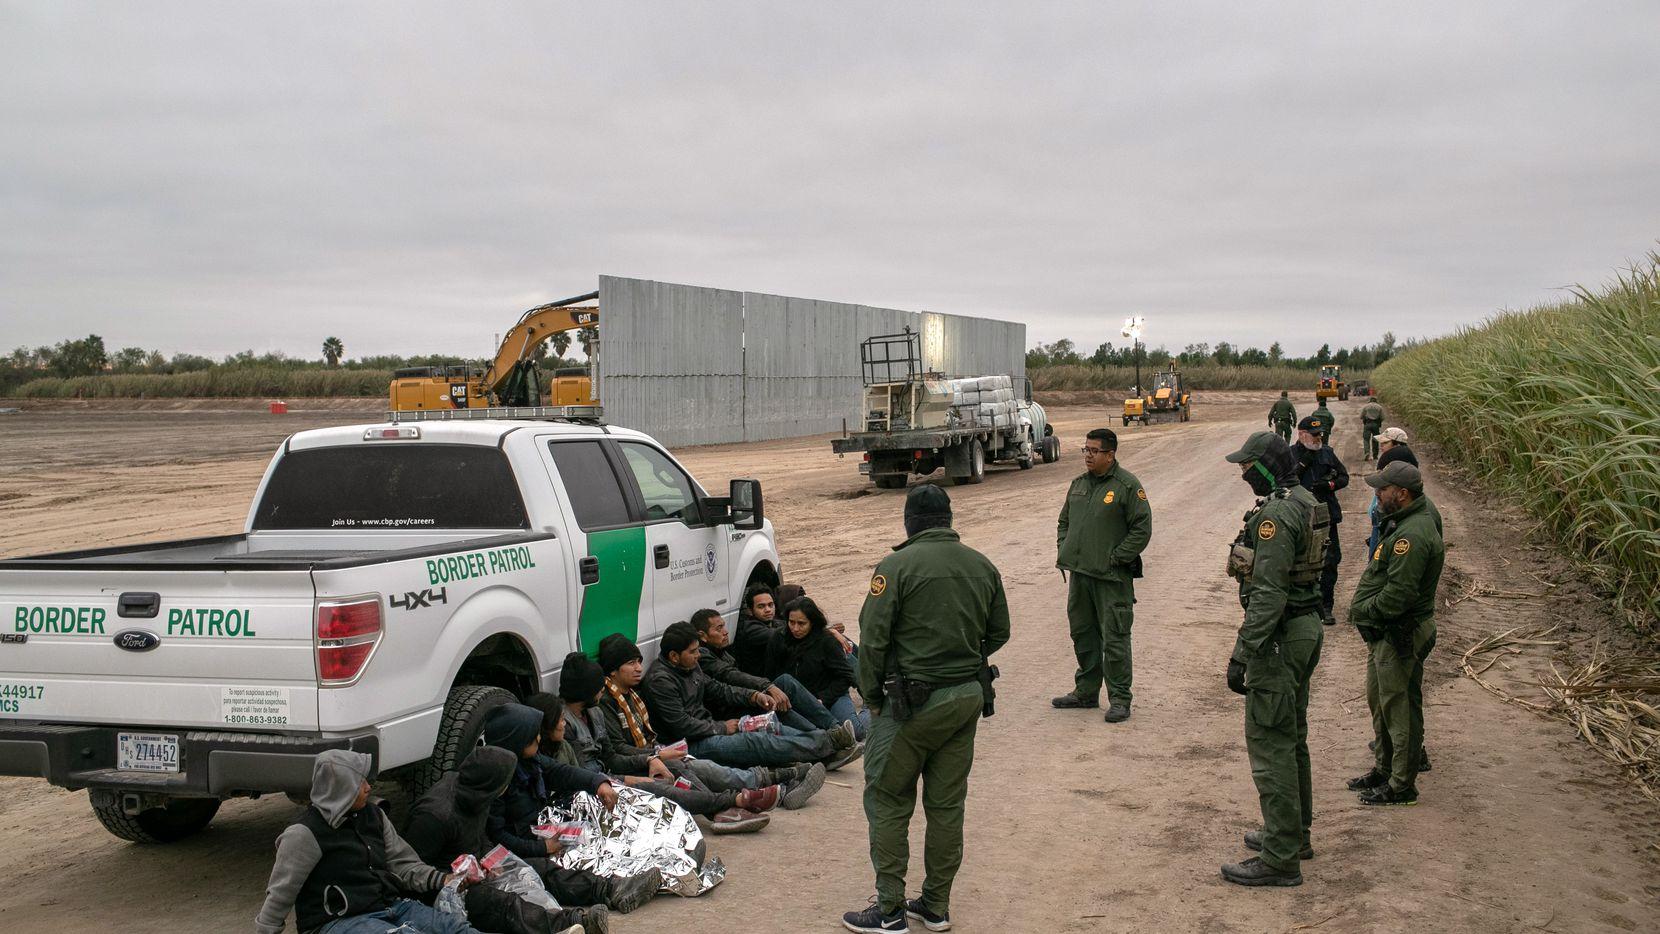 Agentes de la Patrulla Fronteriza arrestan a un grupo de personas que intentaron cruzar desde México a Estados Unidos Por la zona del Valle del Río Grande, al sur de Texas.